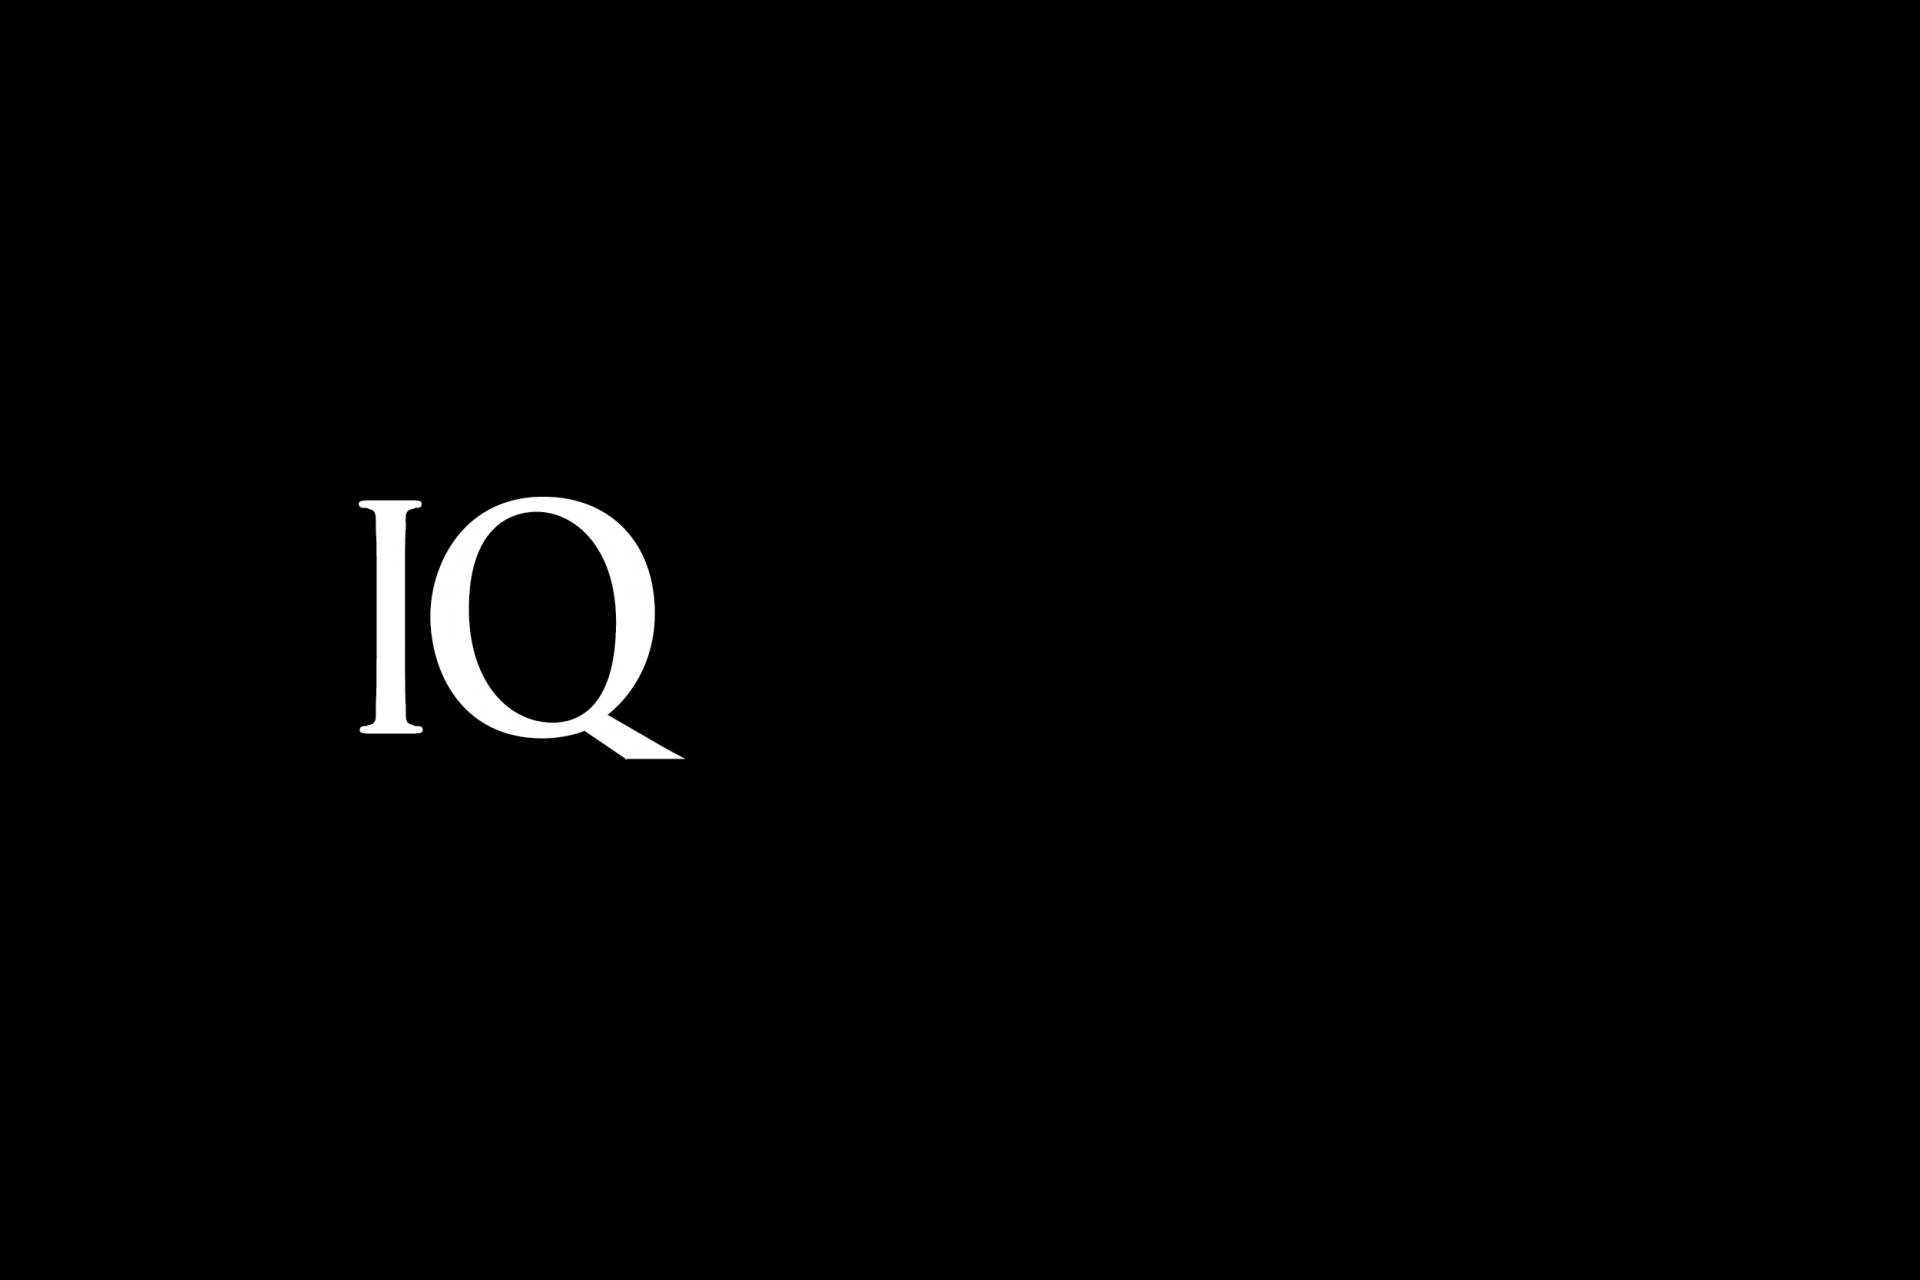 LOGO_IQ